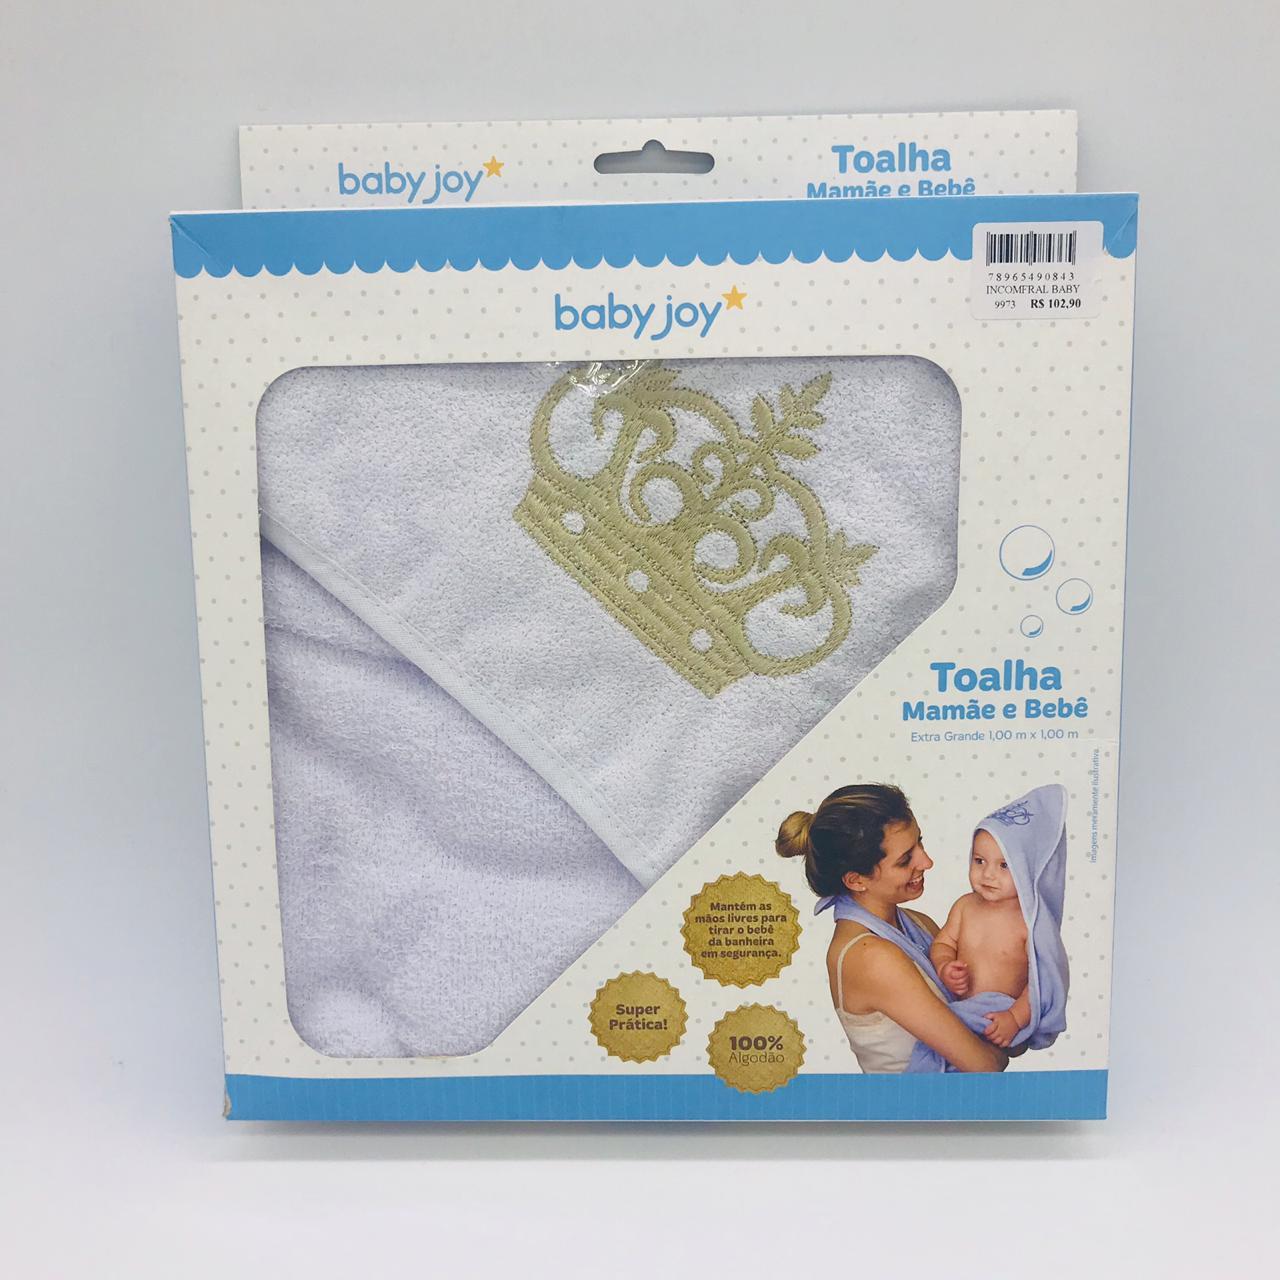 Toalha Mamãe e Bebê Extra Grande Dourado - Baby Joy Incomfral Ref 04043311010002